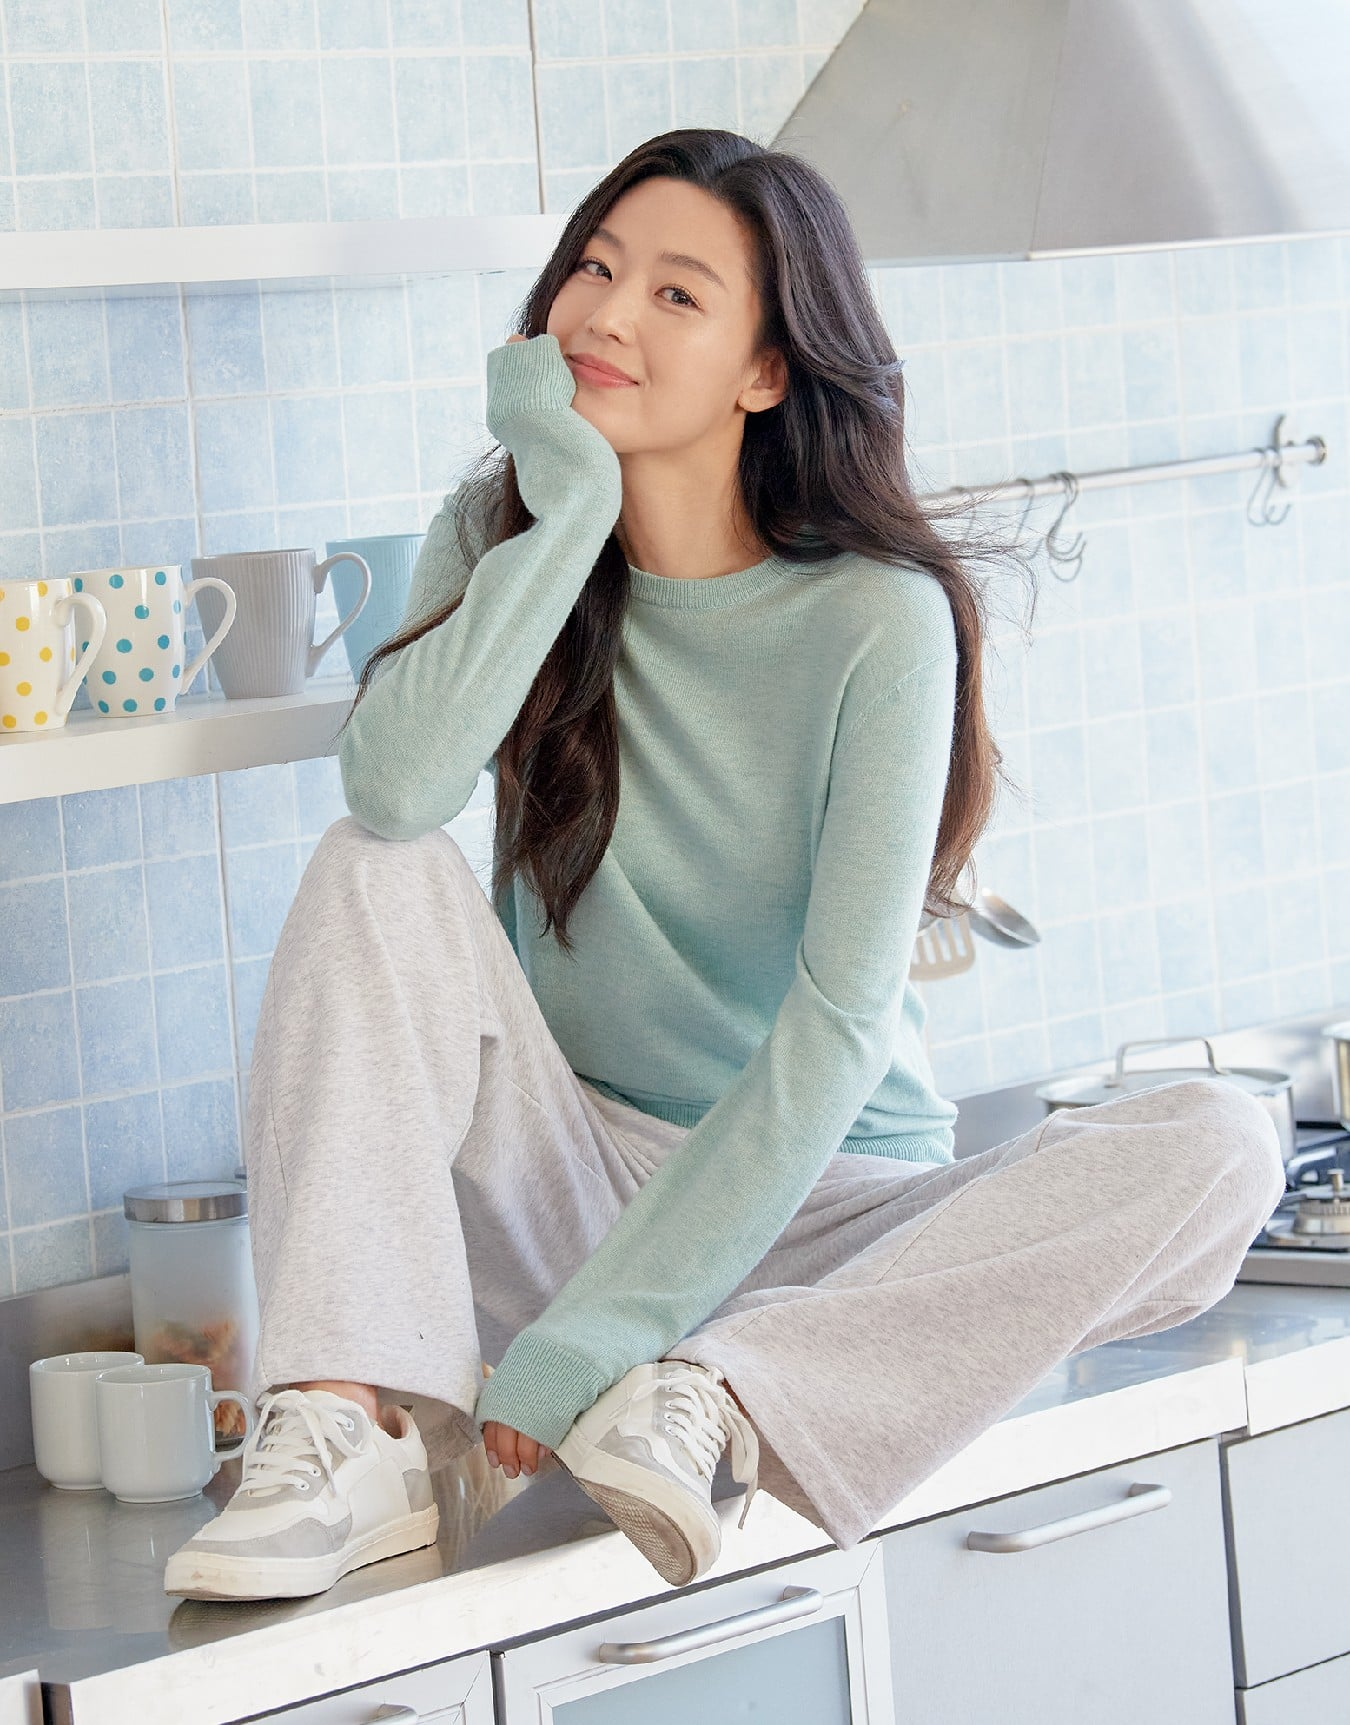 Hóng 10 set đồ của Jeon Ji Hyun, chị em nhặt ra khối tip lên đồ ưng mắt vừa sang vừa trẻ cho mùa lạnh - Ảnh 8.